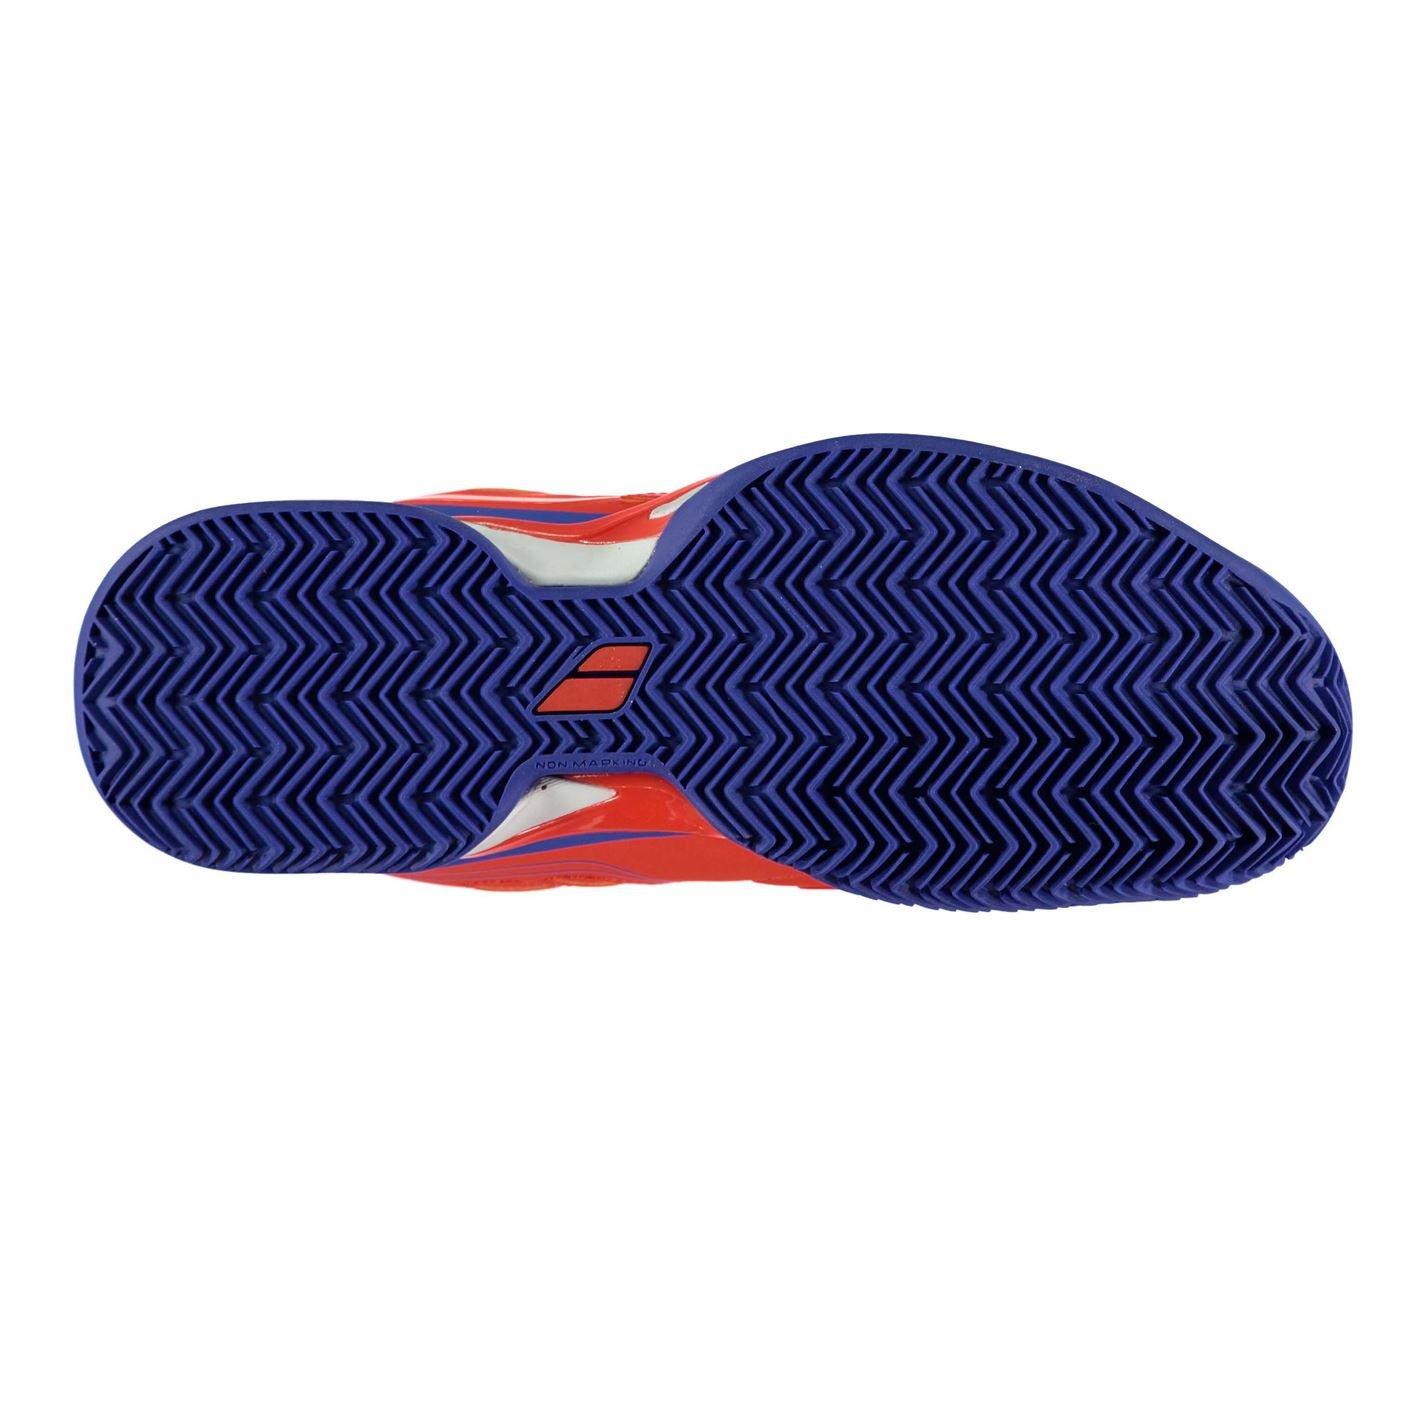 Babolat Hombre Propulse Corte Hombre Tenis Zapatos Zapatillas Casual Calzado  lZUZq 7f90eecb49b2c